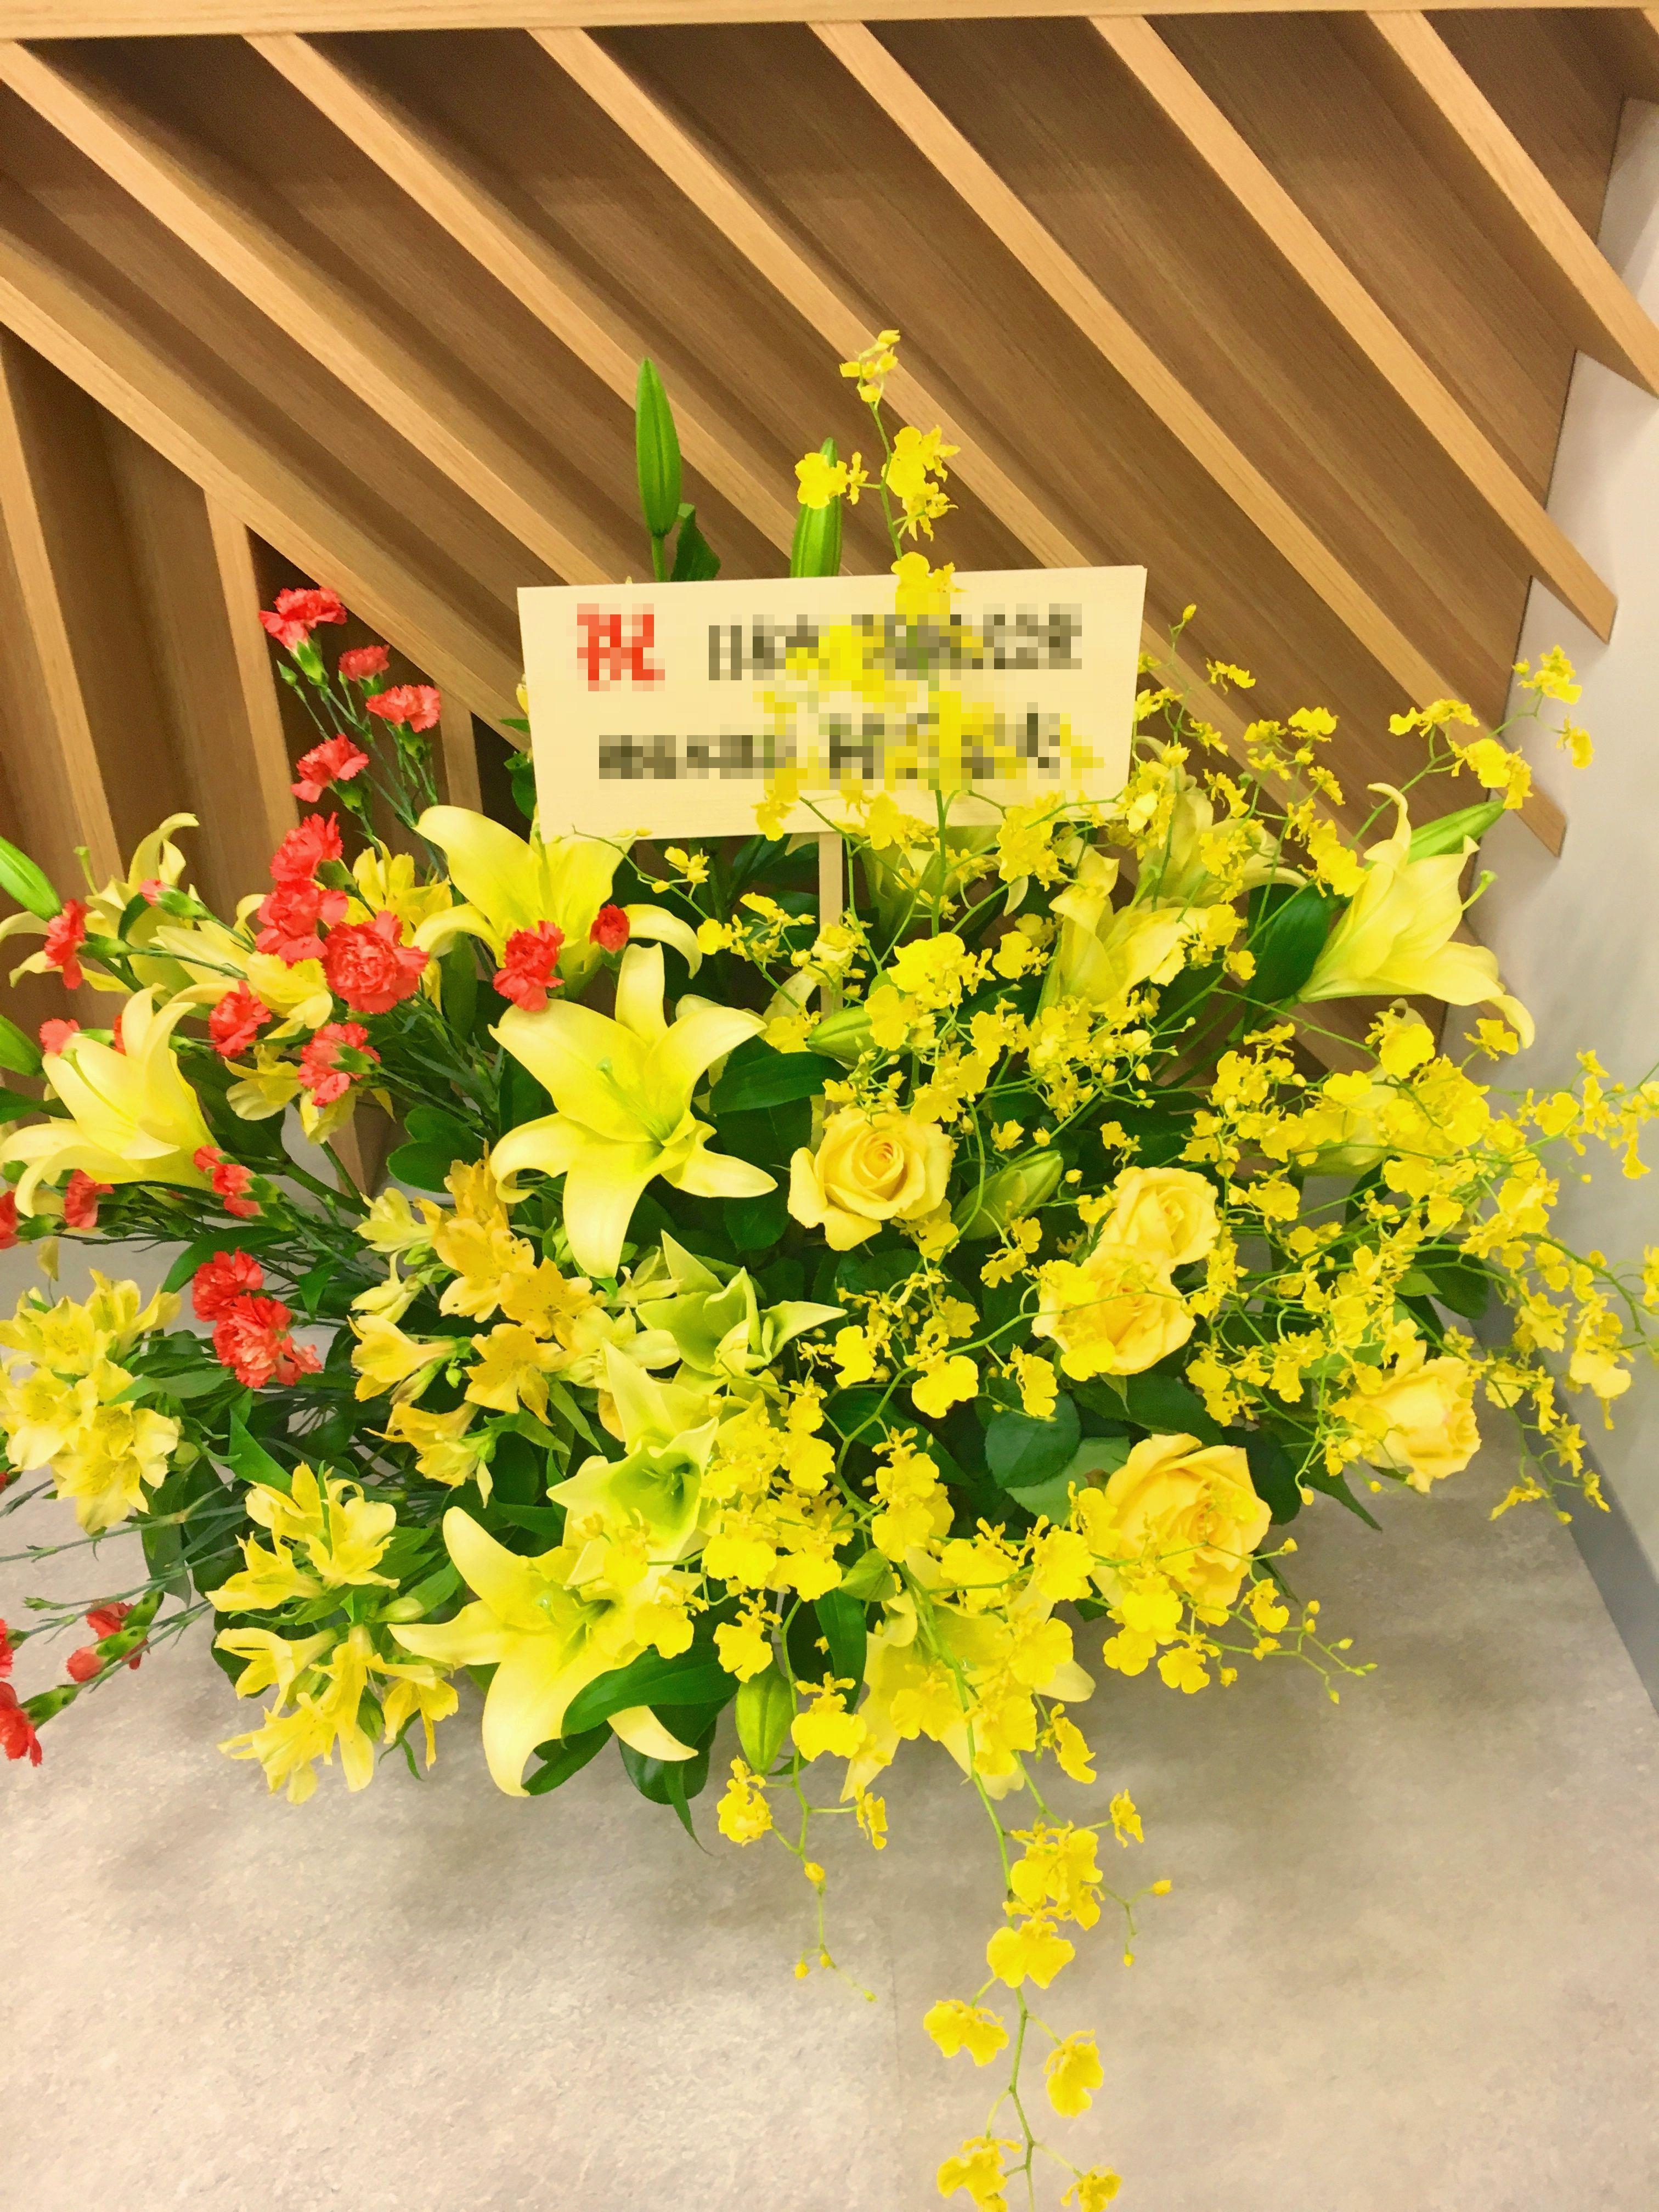 【お花納品事例10】横浜市関内駅近くの法人企業様にスタンド花を納品しました!